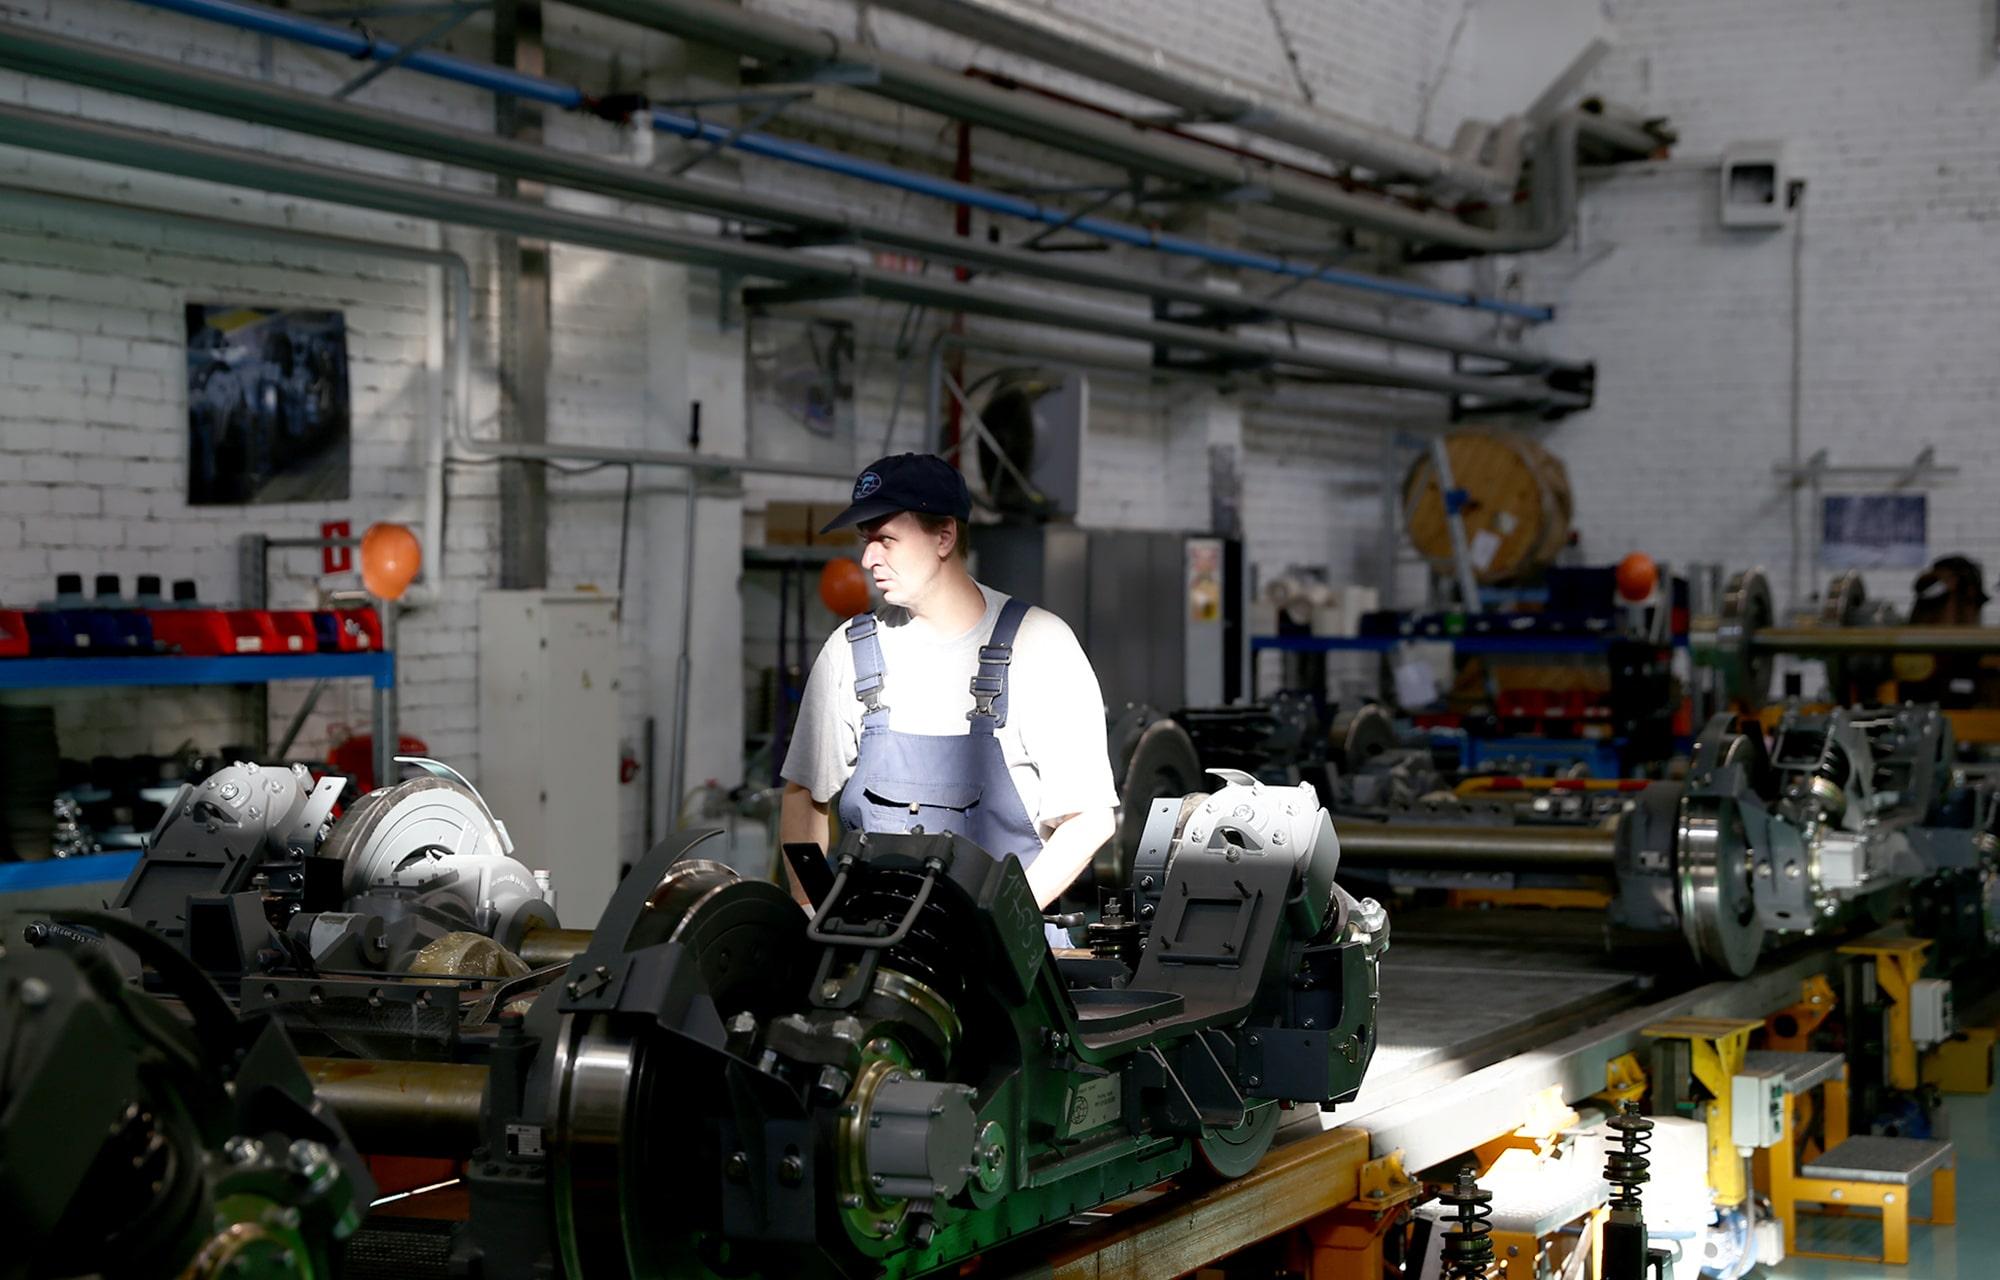 Вячеслав Володин и Игорь Руденя обсудили возобновление трамвайного движения в Твери